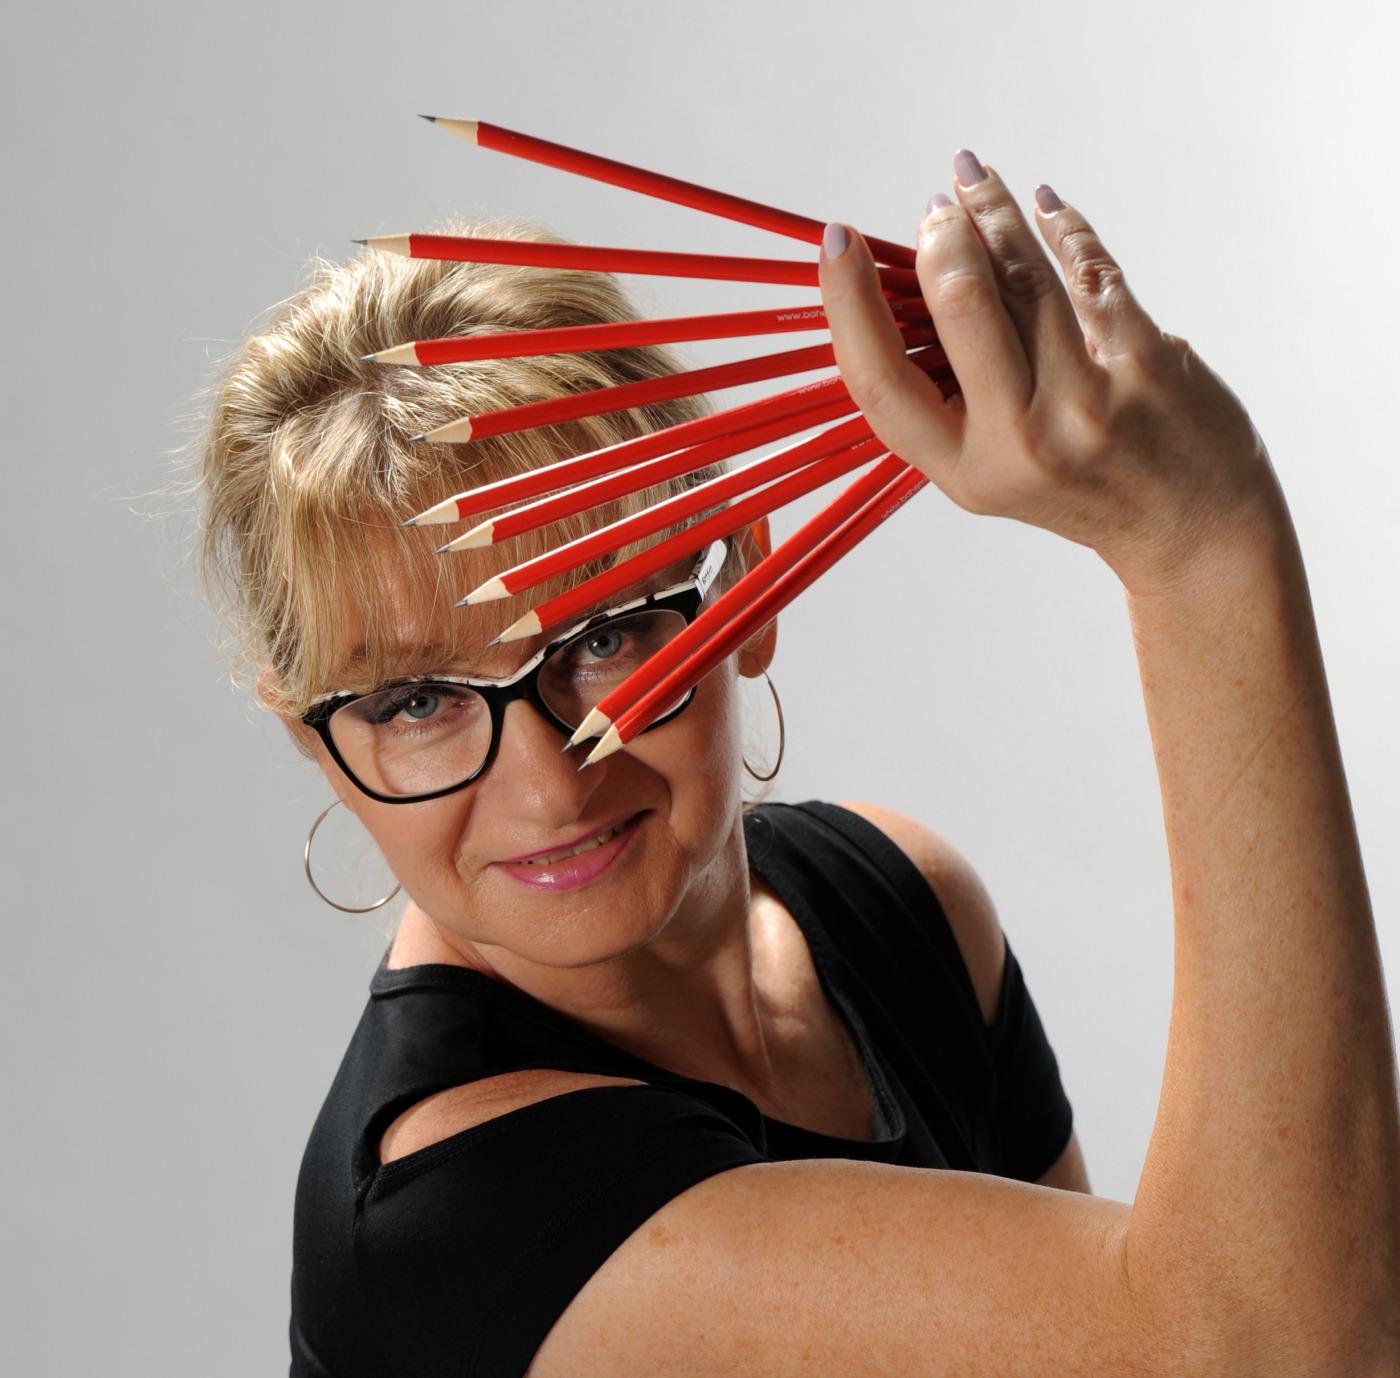 Jiřina Chrtková, nejlepší známá česká grafička a stylistka, vizážistka foto ateliér, grafička Praha, Grafik Praha 9, reklamní agentura Praha